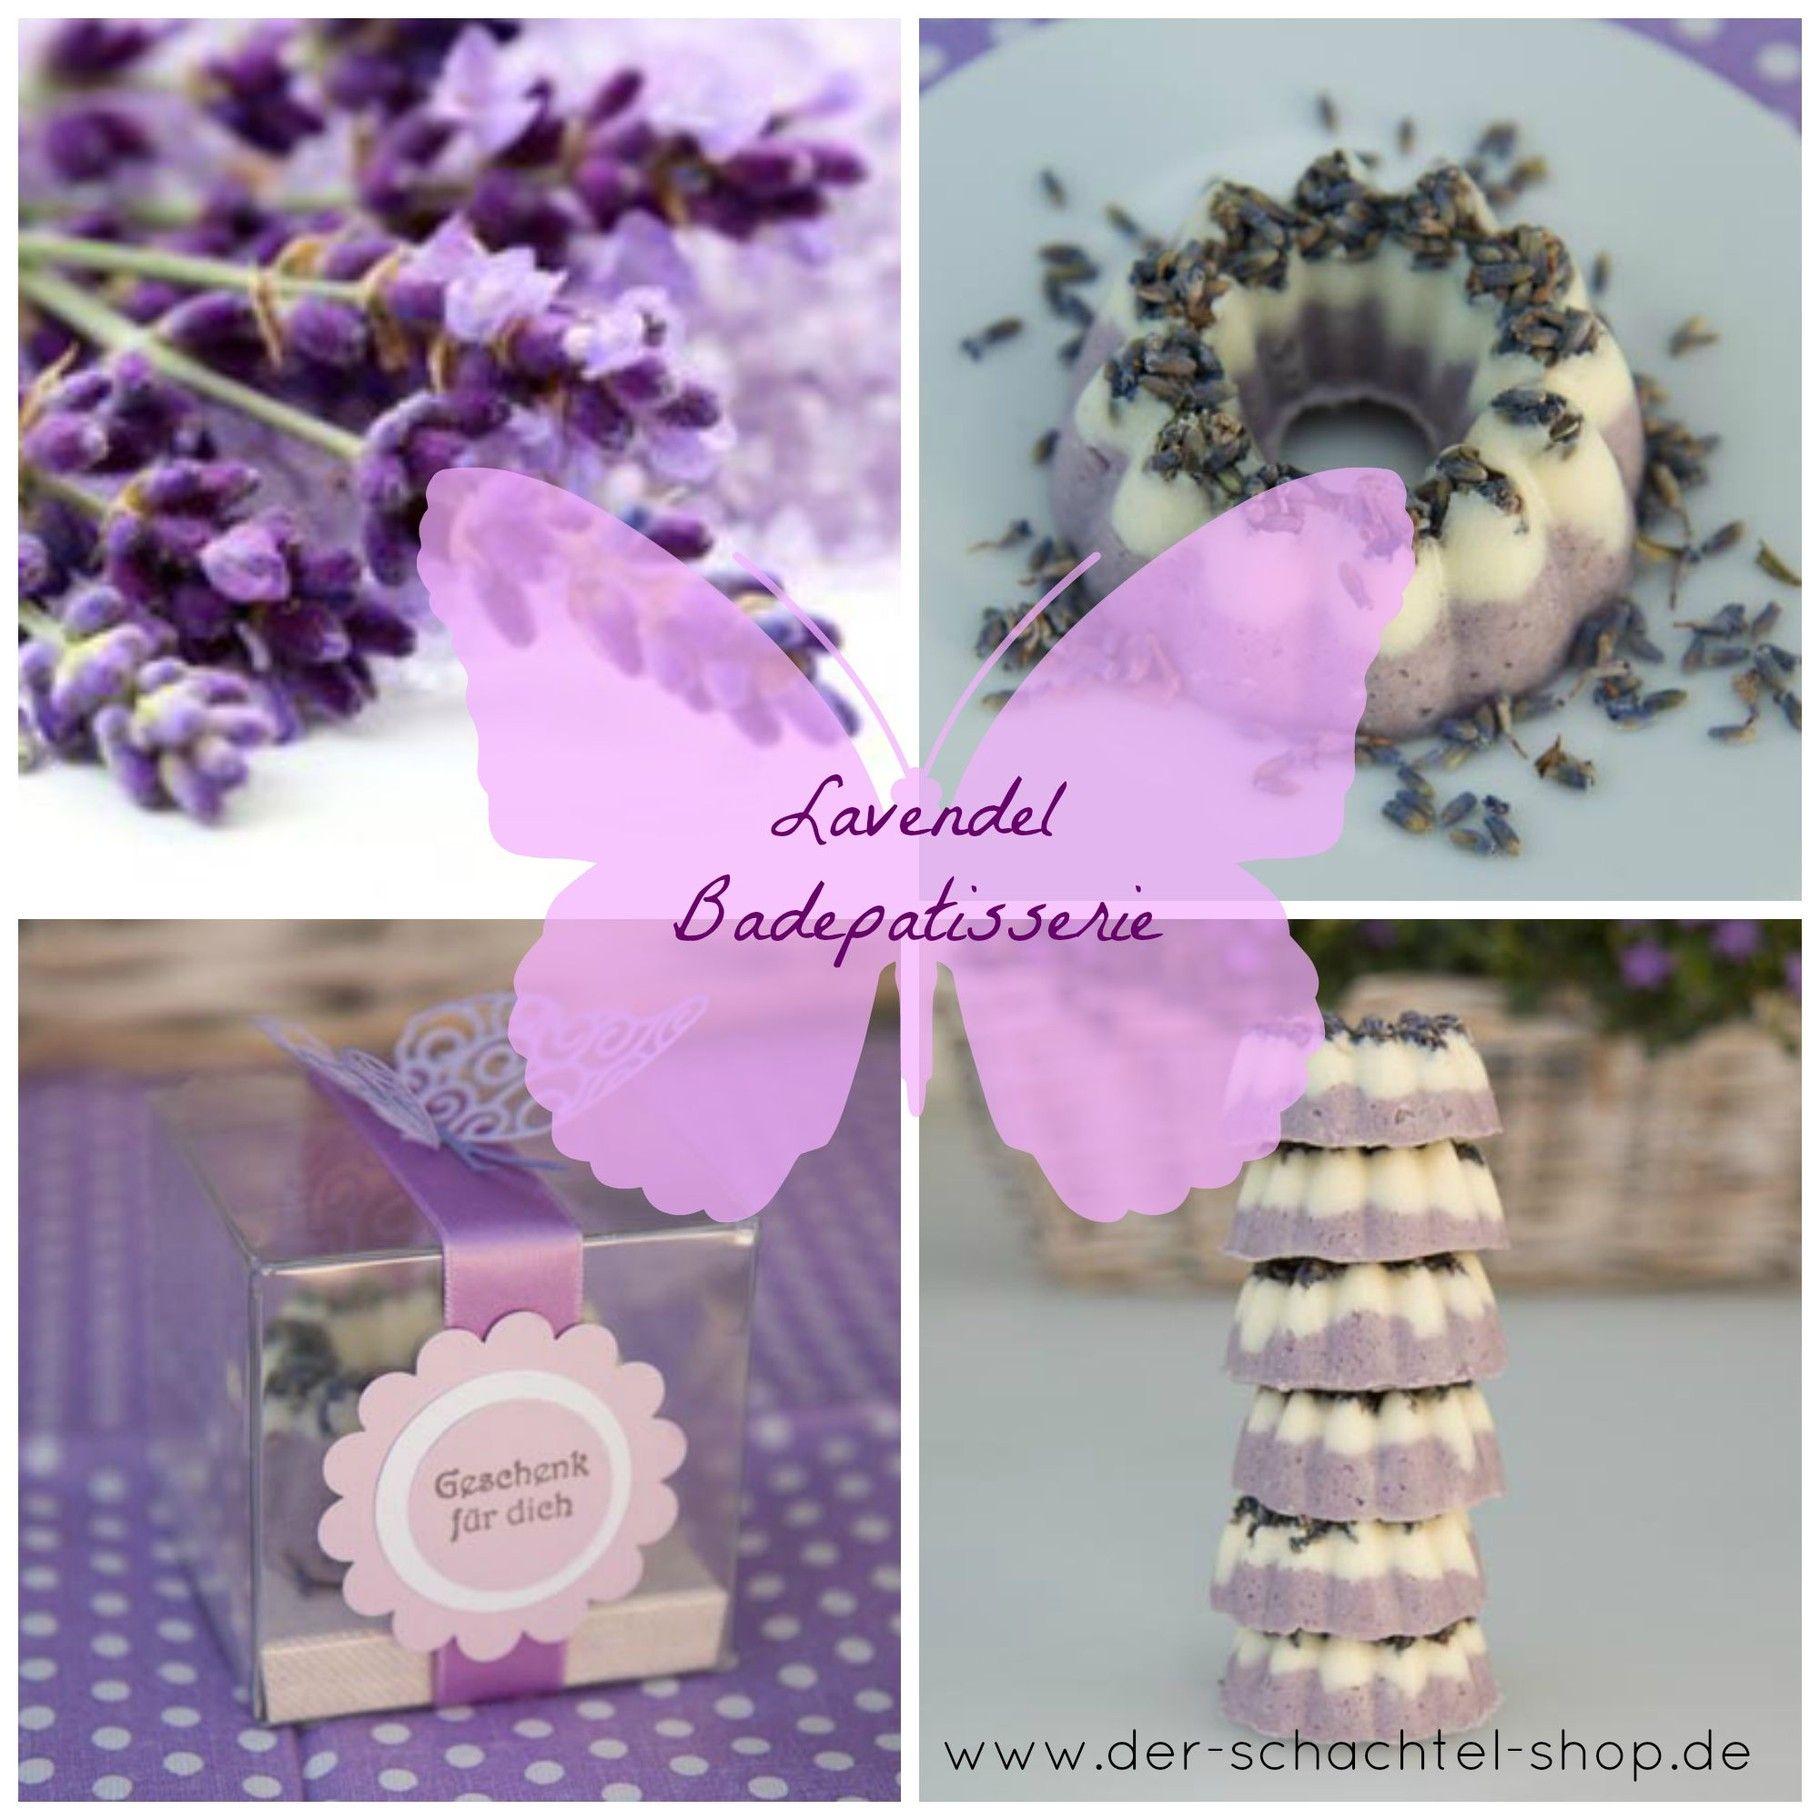 DIY Lavendel Badepatisserie